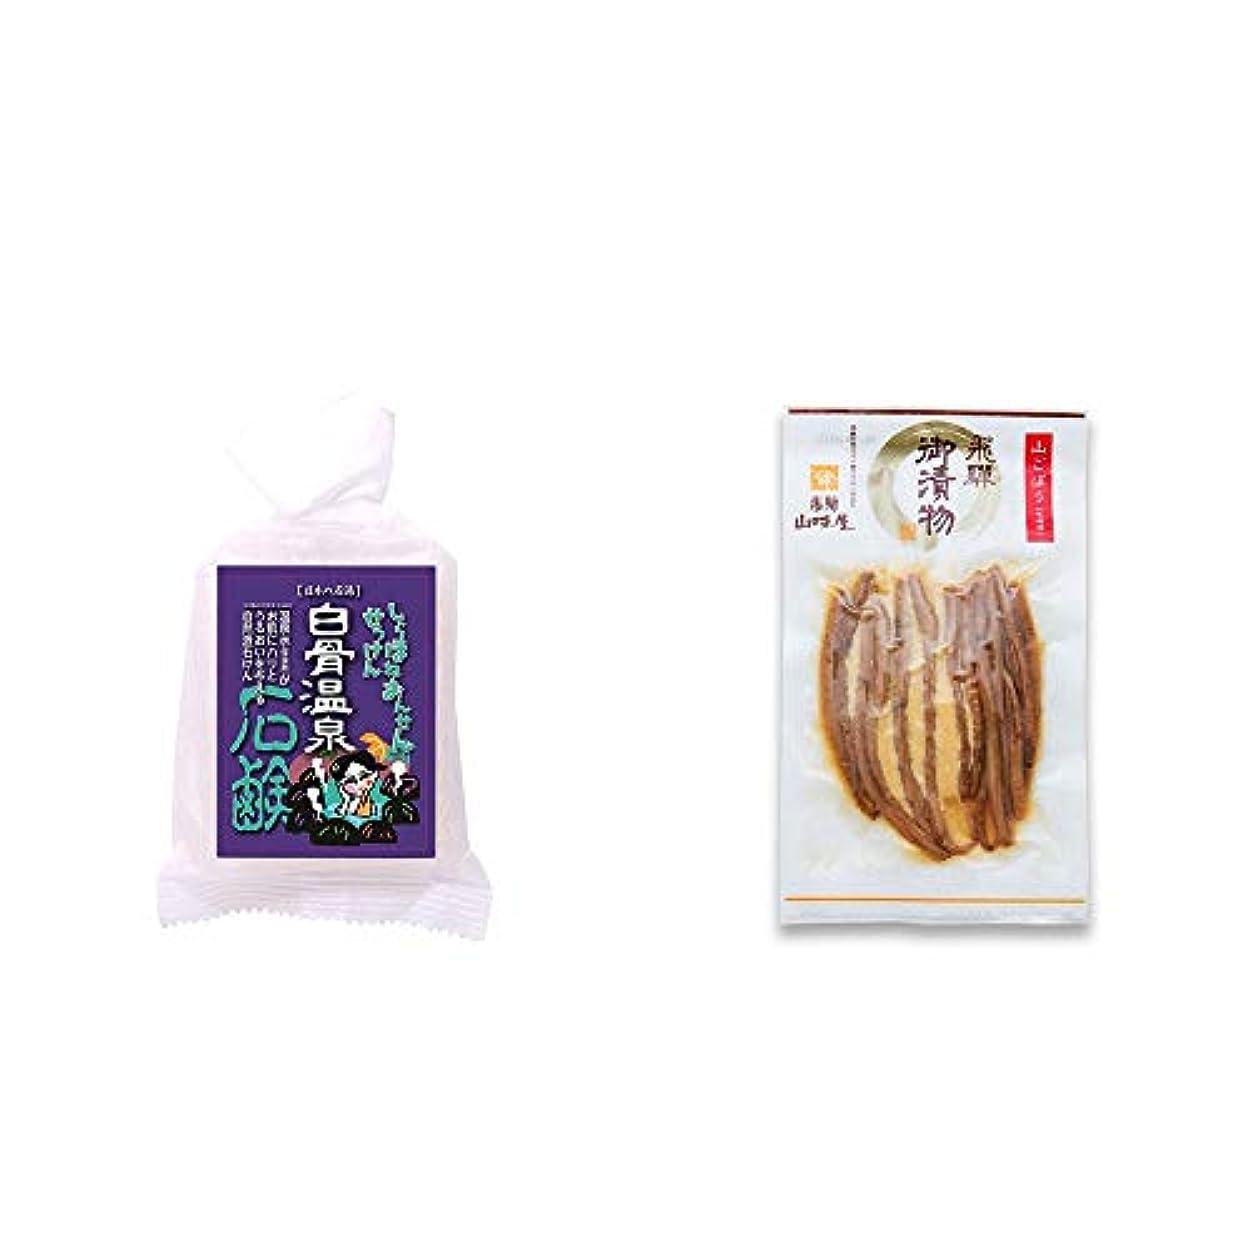 未来推論ミット[2点セット] 信州 白骨温泉石鹸(80g)?飛騨山味屋 山ごぼう味噌漬(80g)